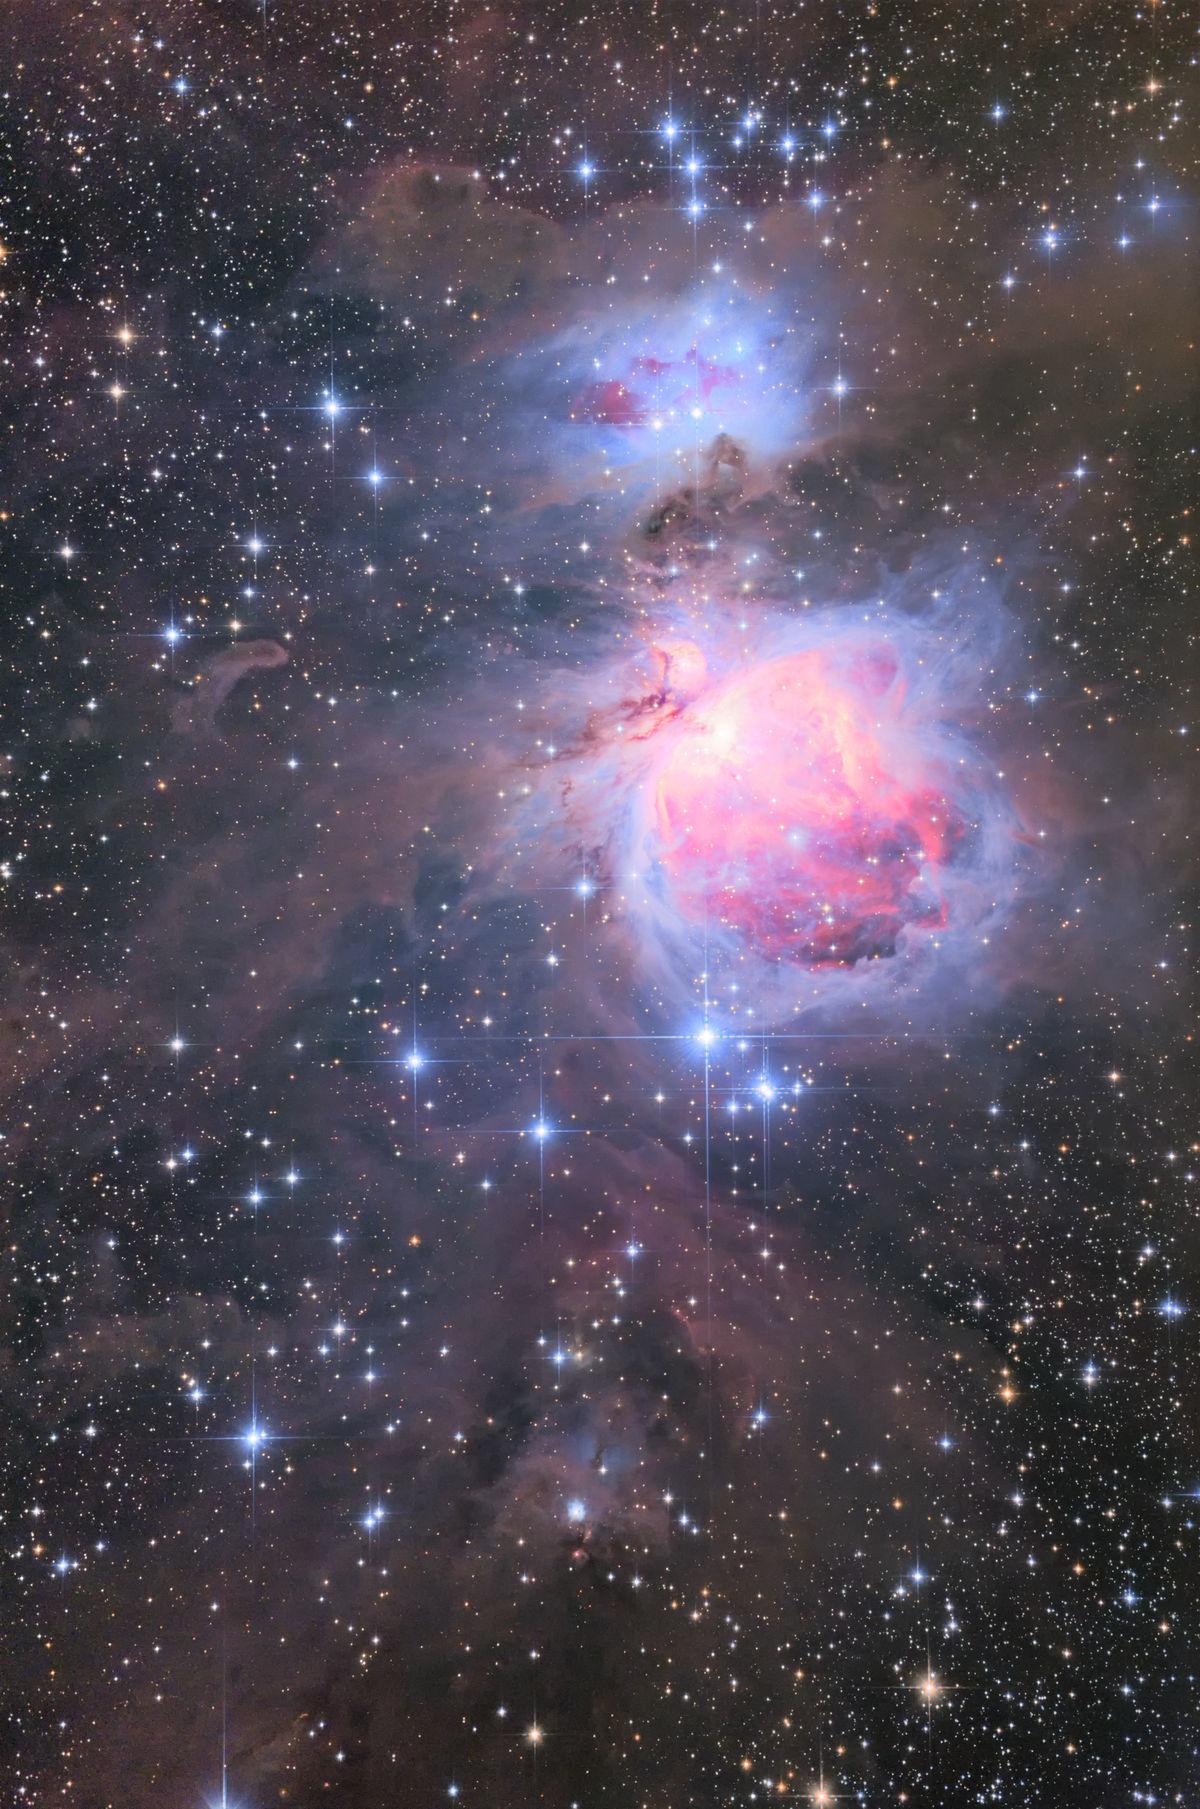 【星雲】M42 オリオン大星雲 (と、画像処理)